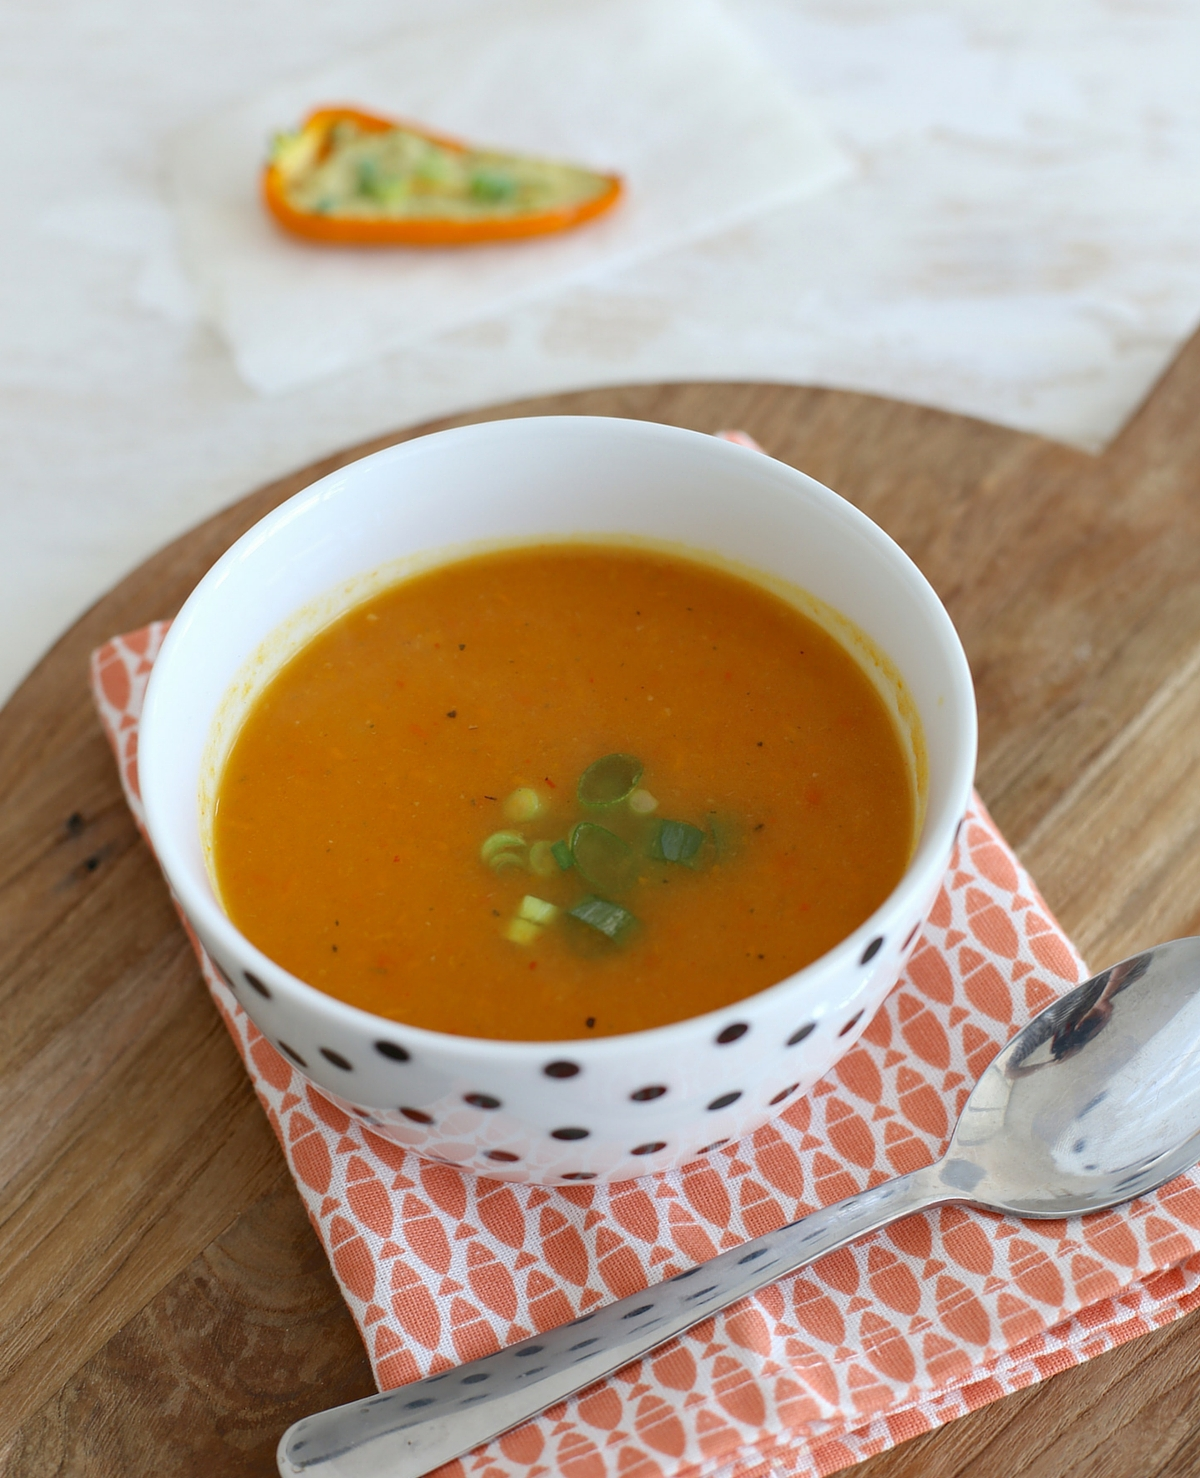 Oranjesoep met pompoen en wortel